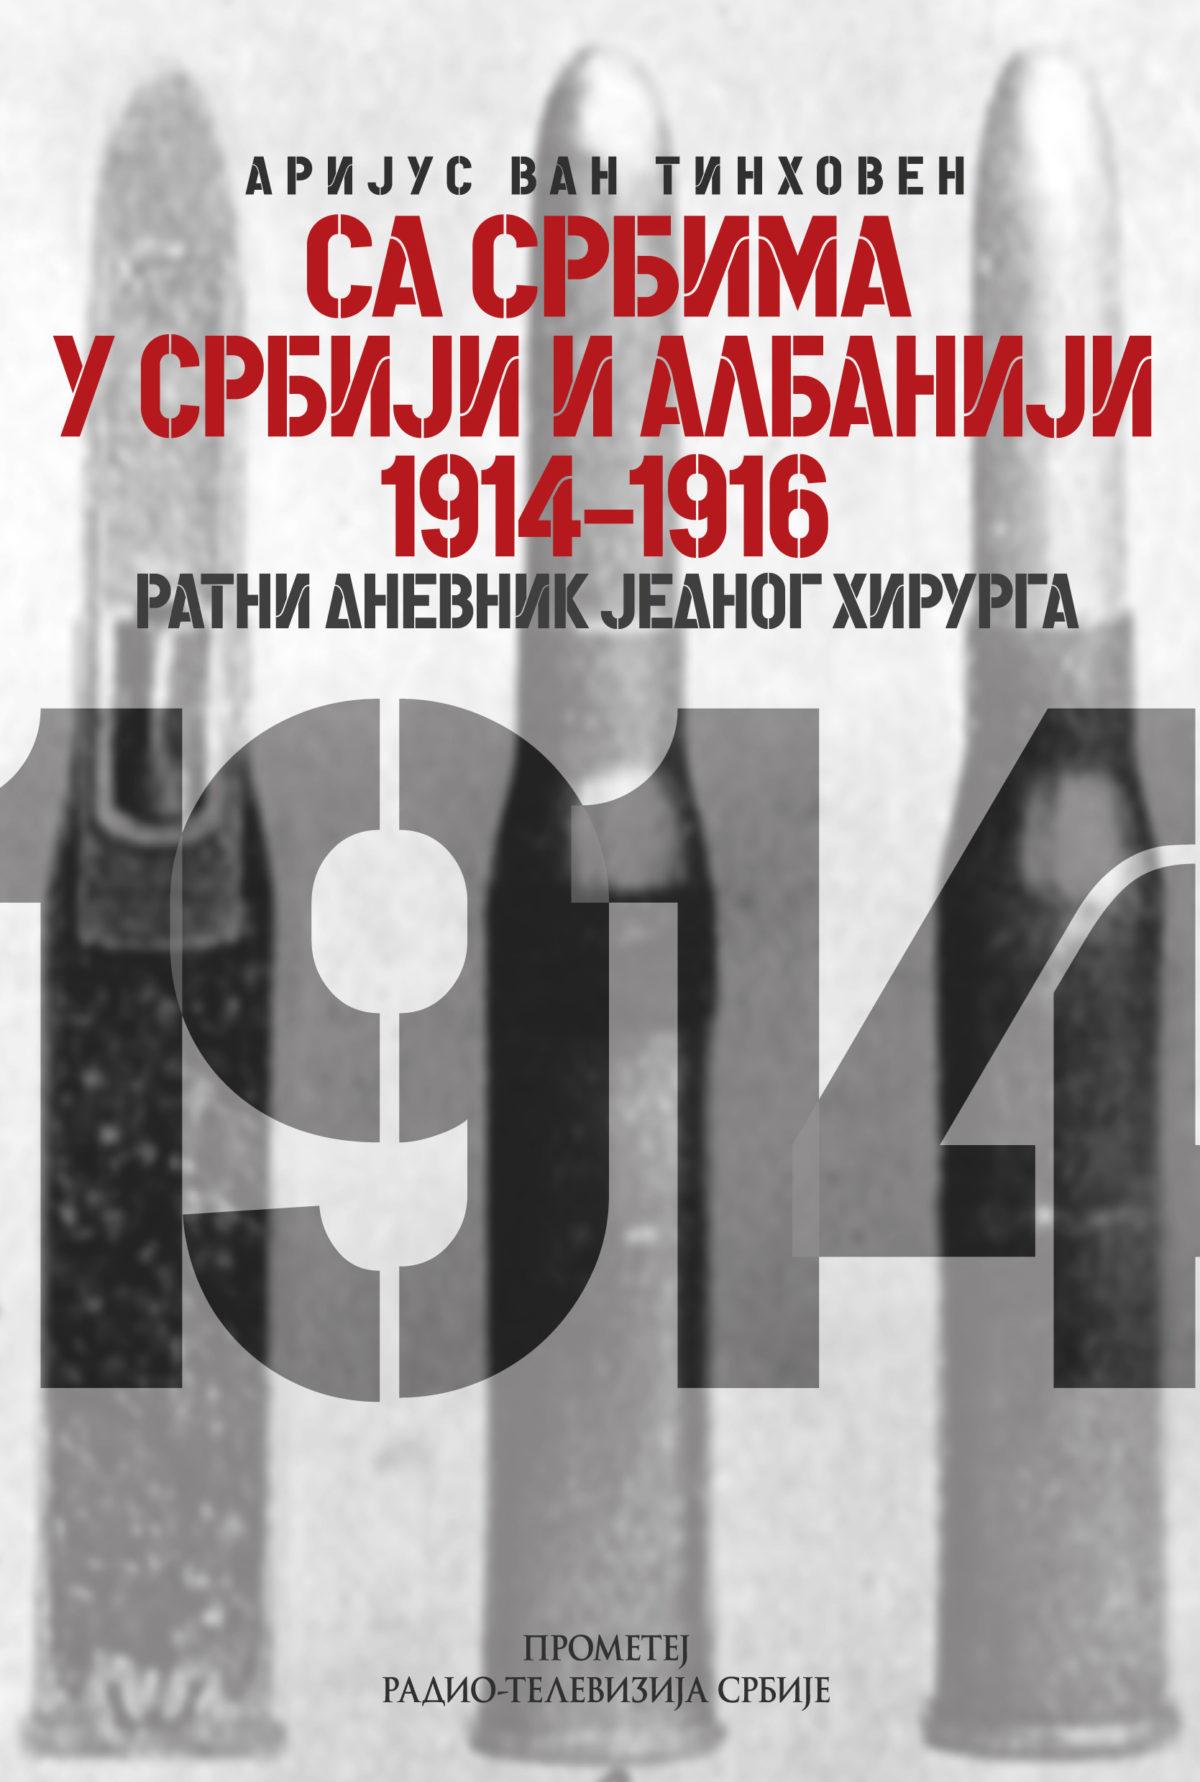 Sa Srbima u Srbiji i Albaniji 1914-1916: Ratni dnevnik jednog hirurga